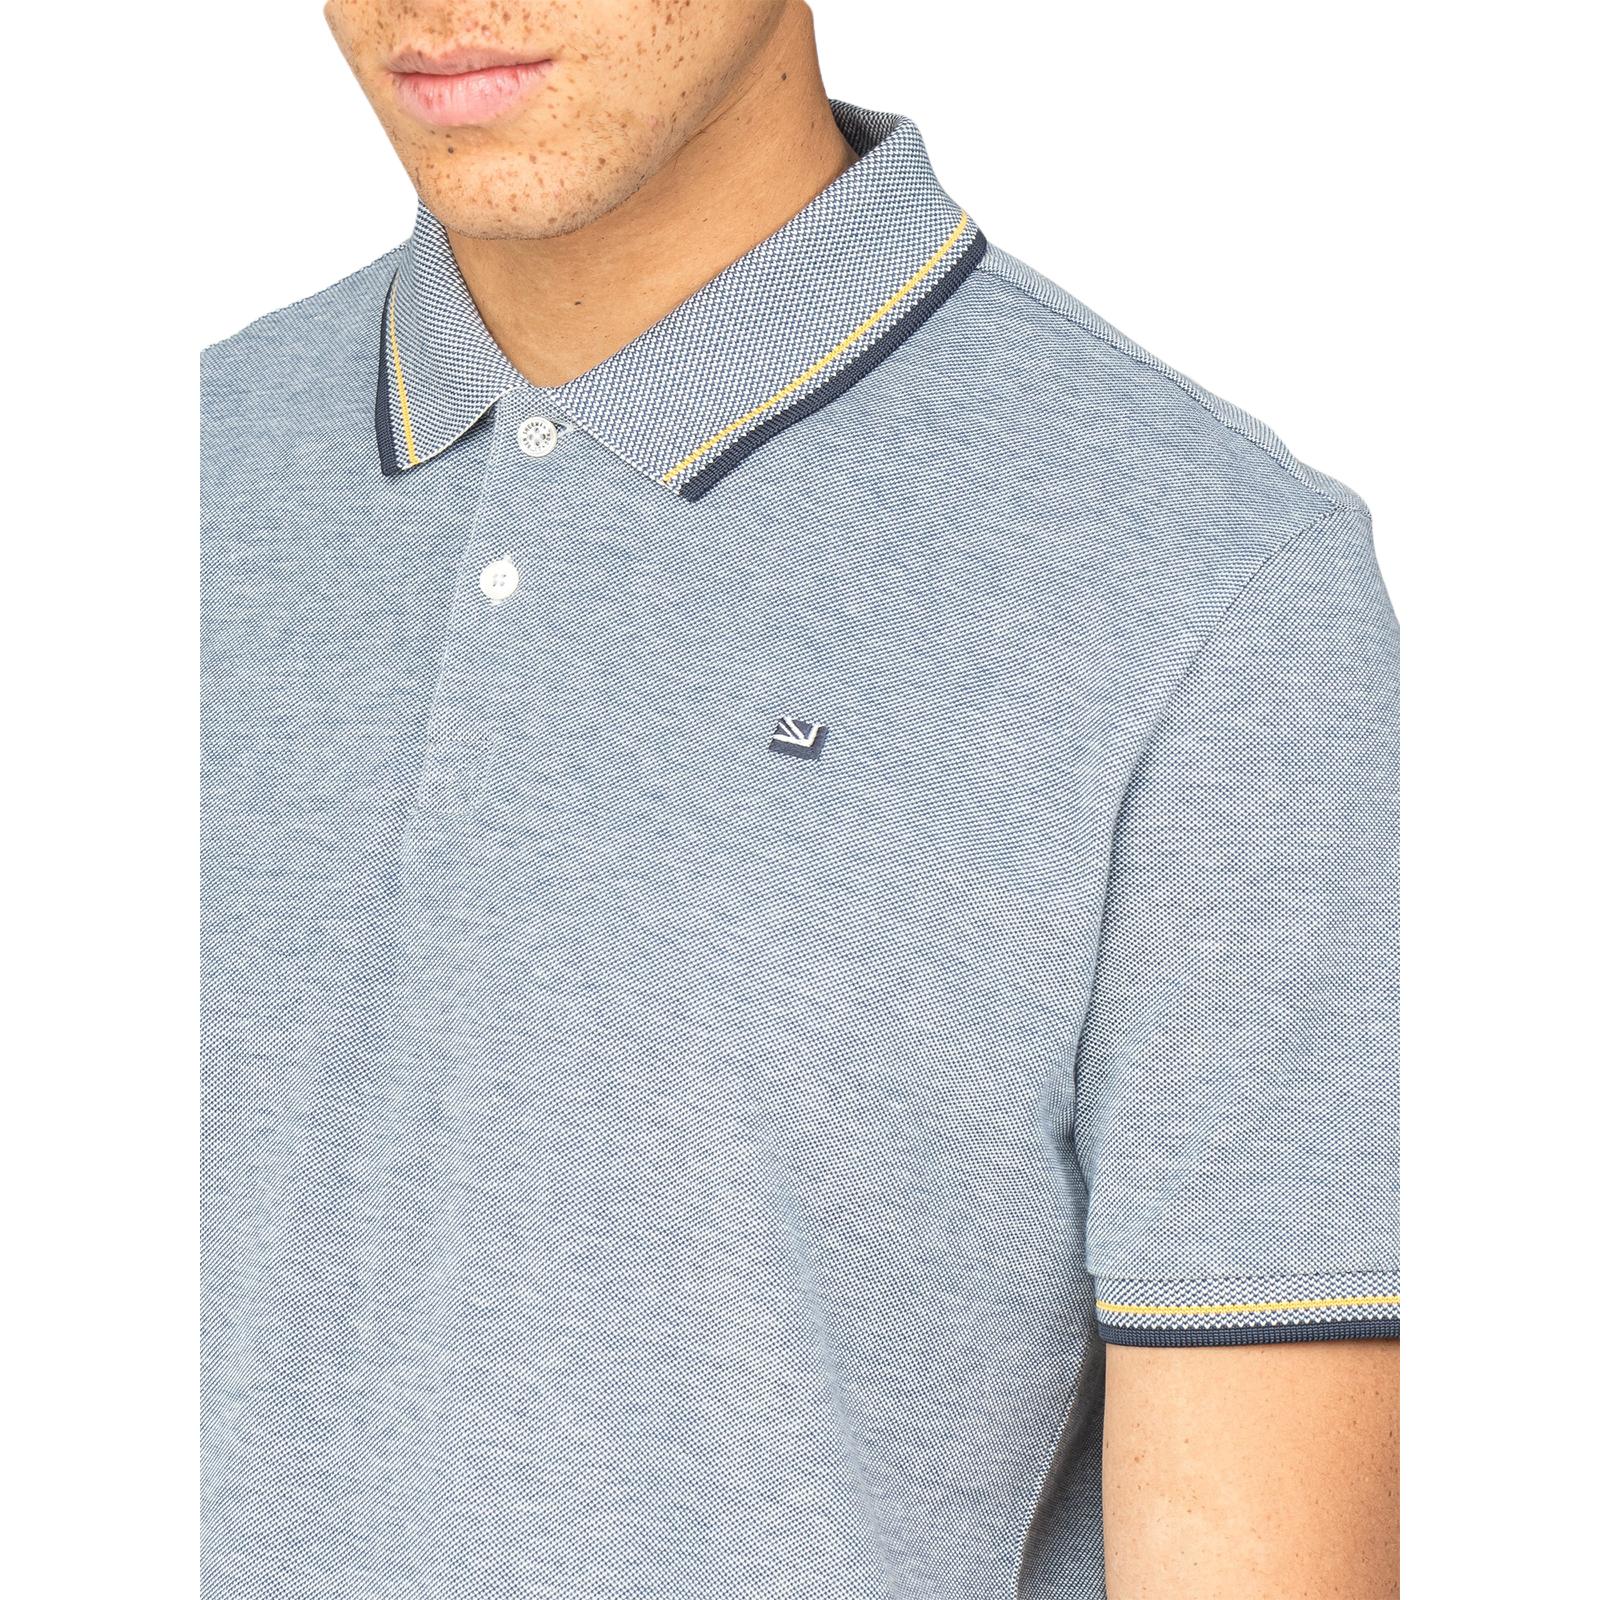 616a9440fdb203 Ben Sherman Twim Tipping Collar Pique Polo Shirt - 47811 | eBay